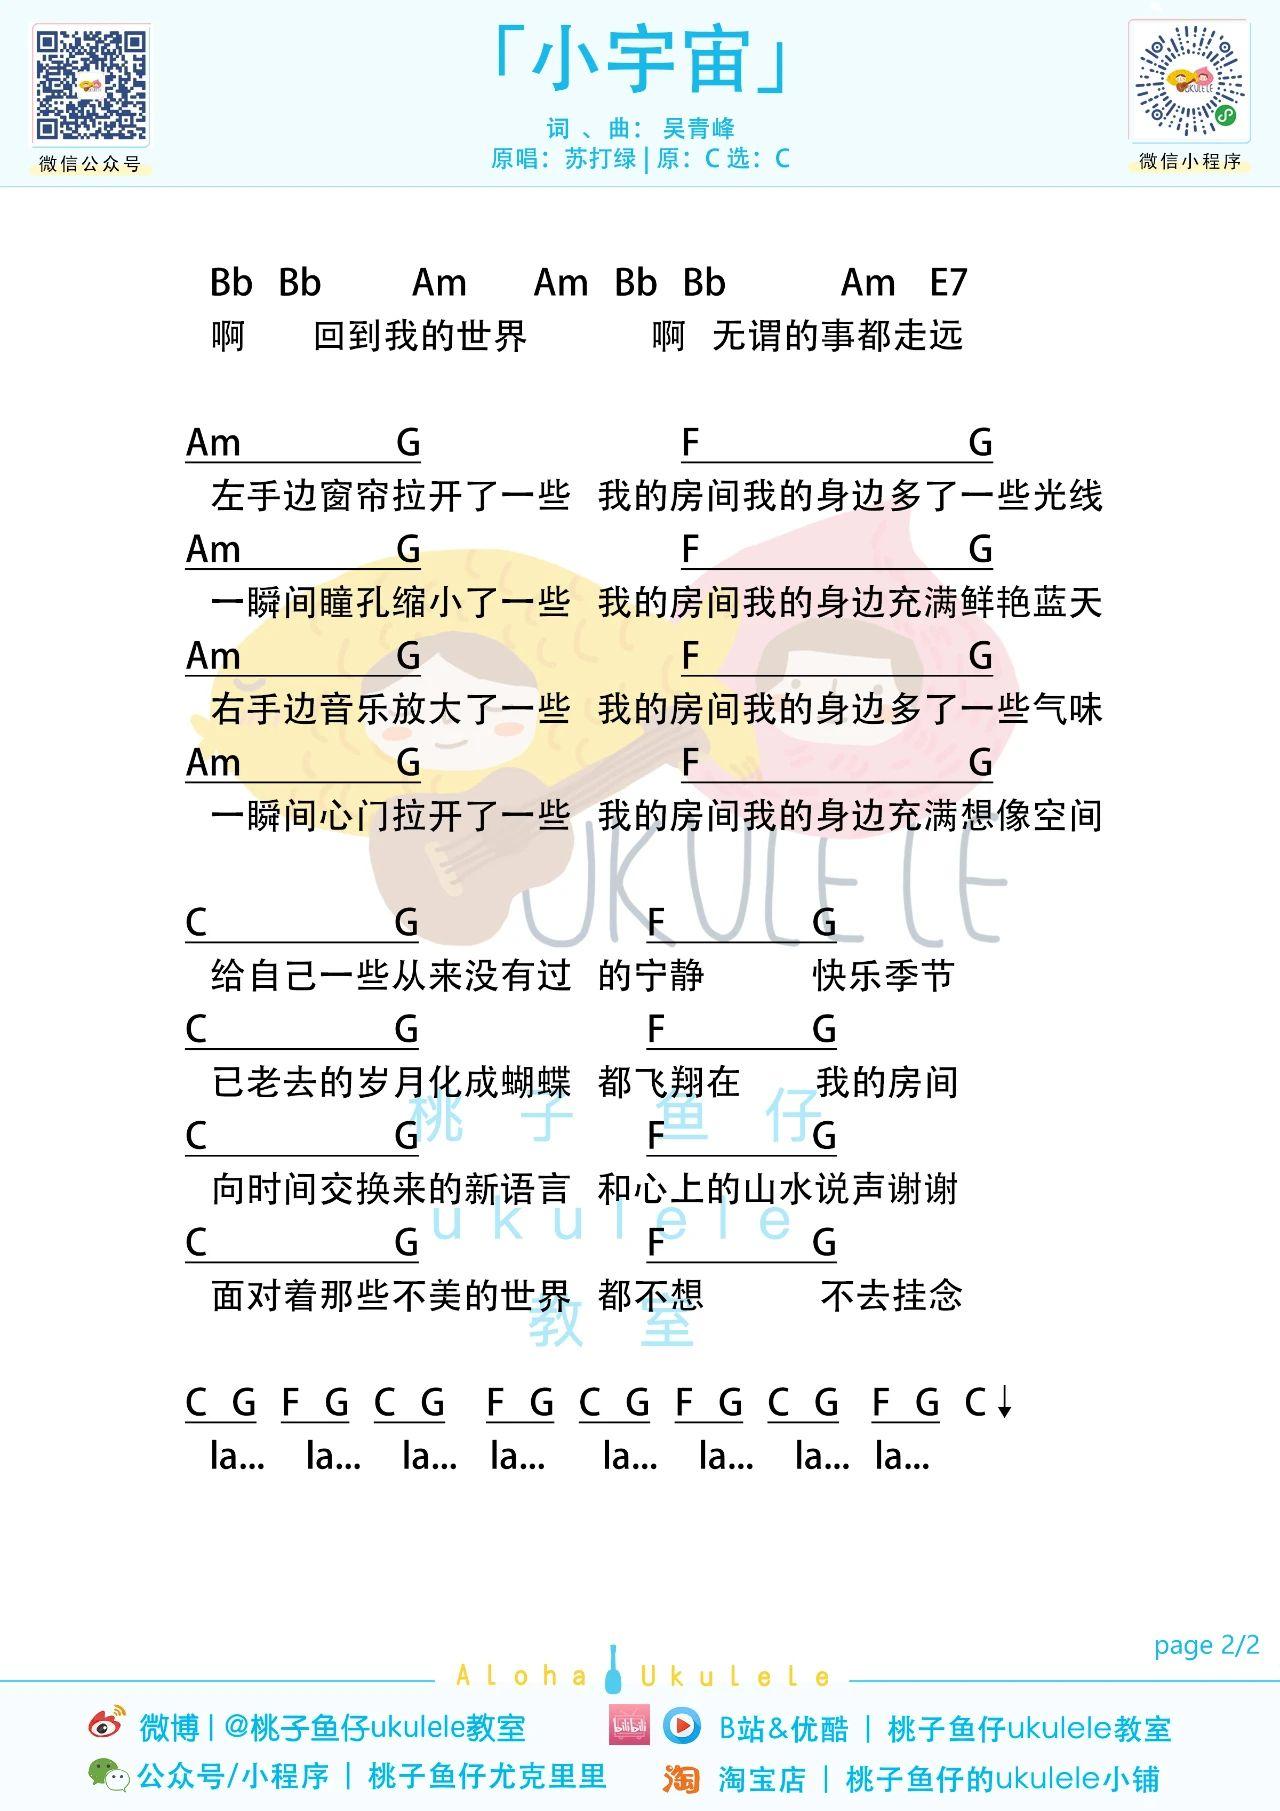 桃子鱼仔教室《小宇宙》尤克里里谱-2